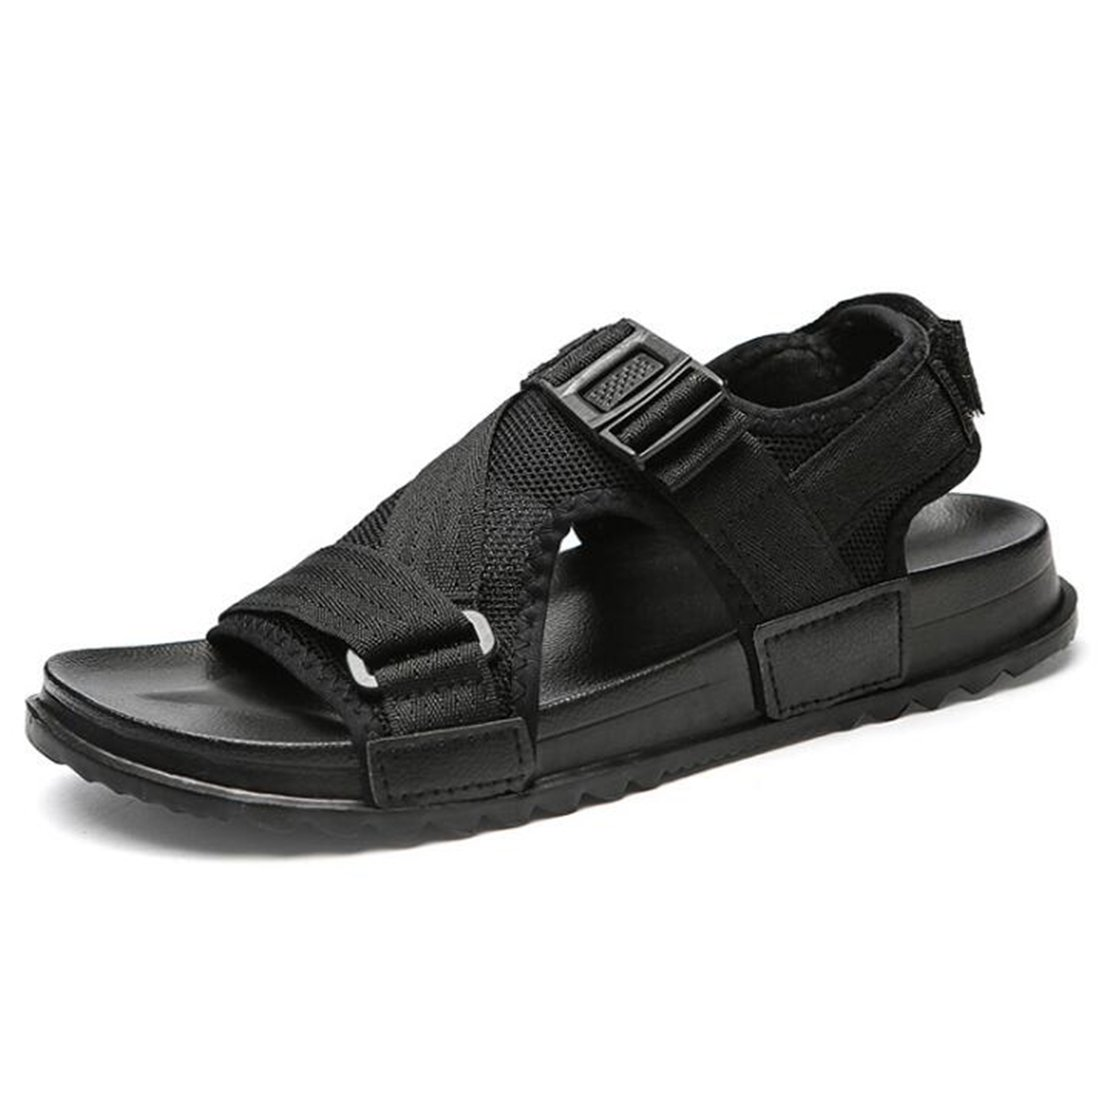 Sommer Atmungsaktive Sandalen der Männer Mode Trend Sandalen und Hausschuhe Outd Black